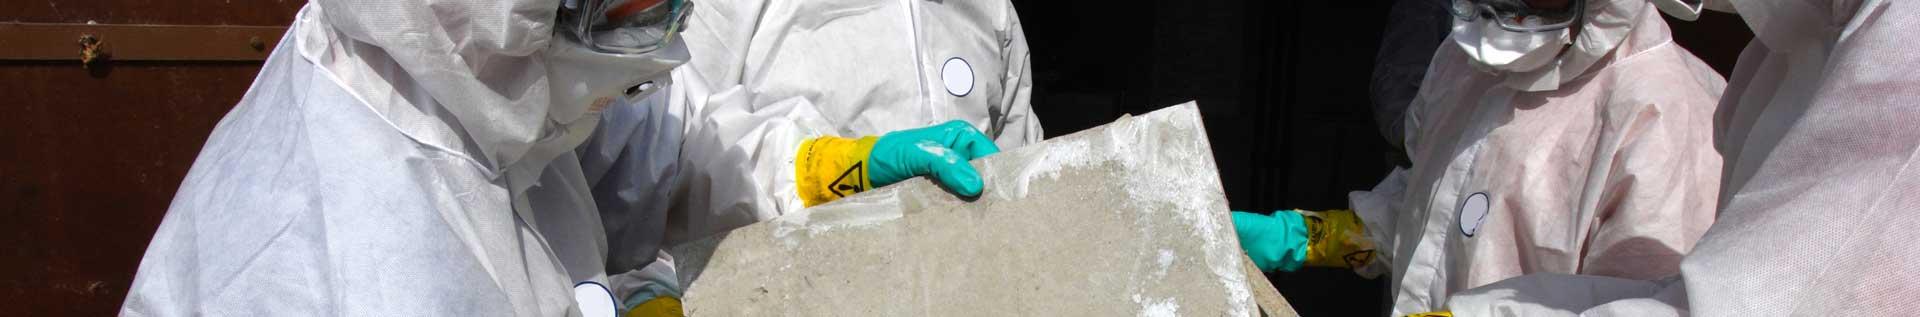 Hazardous & Chemicals